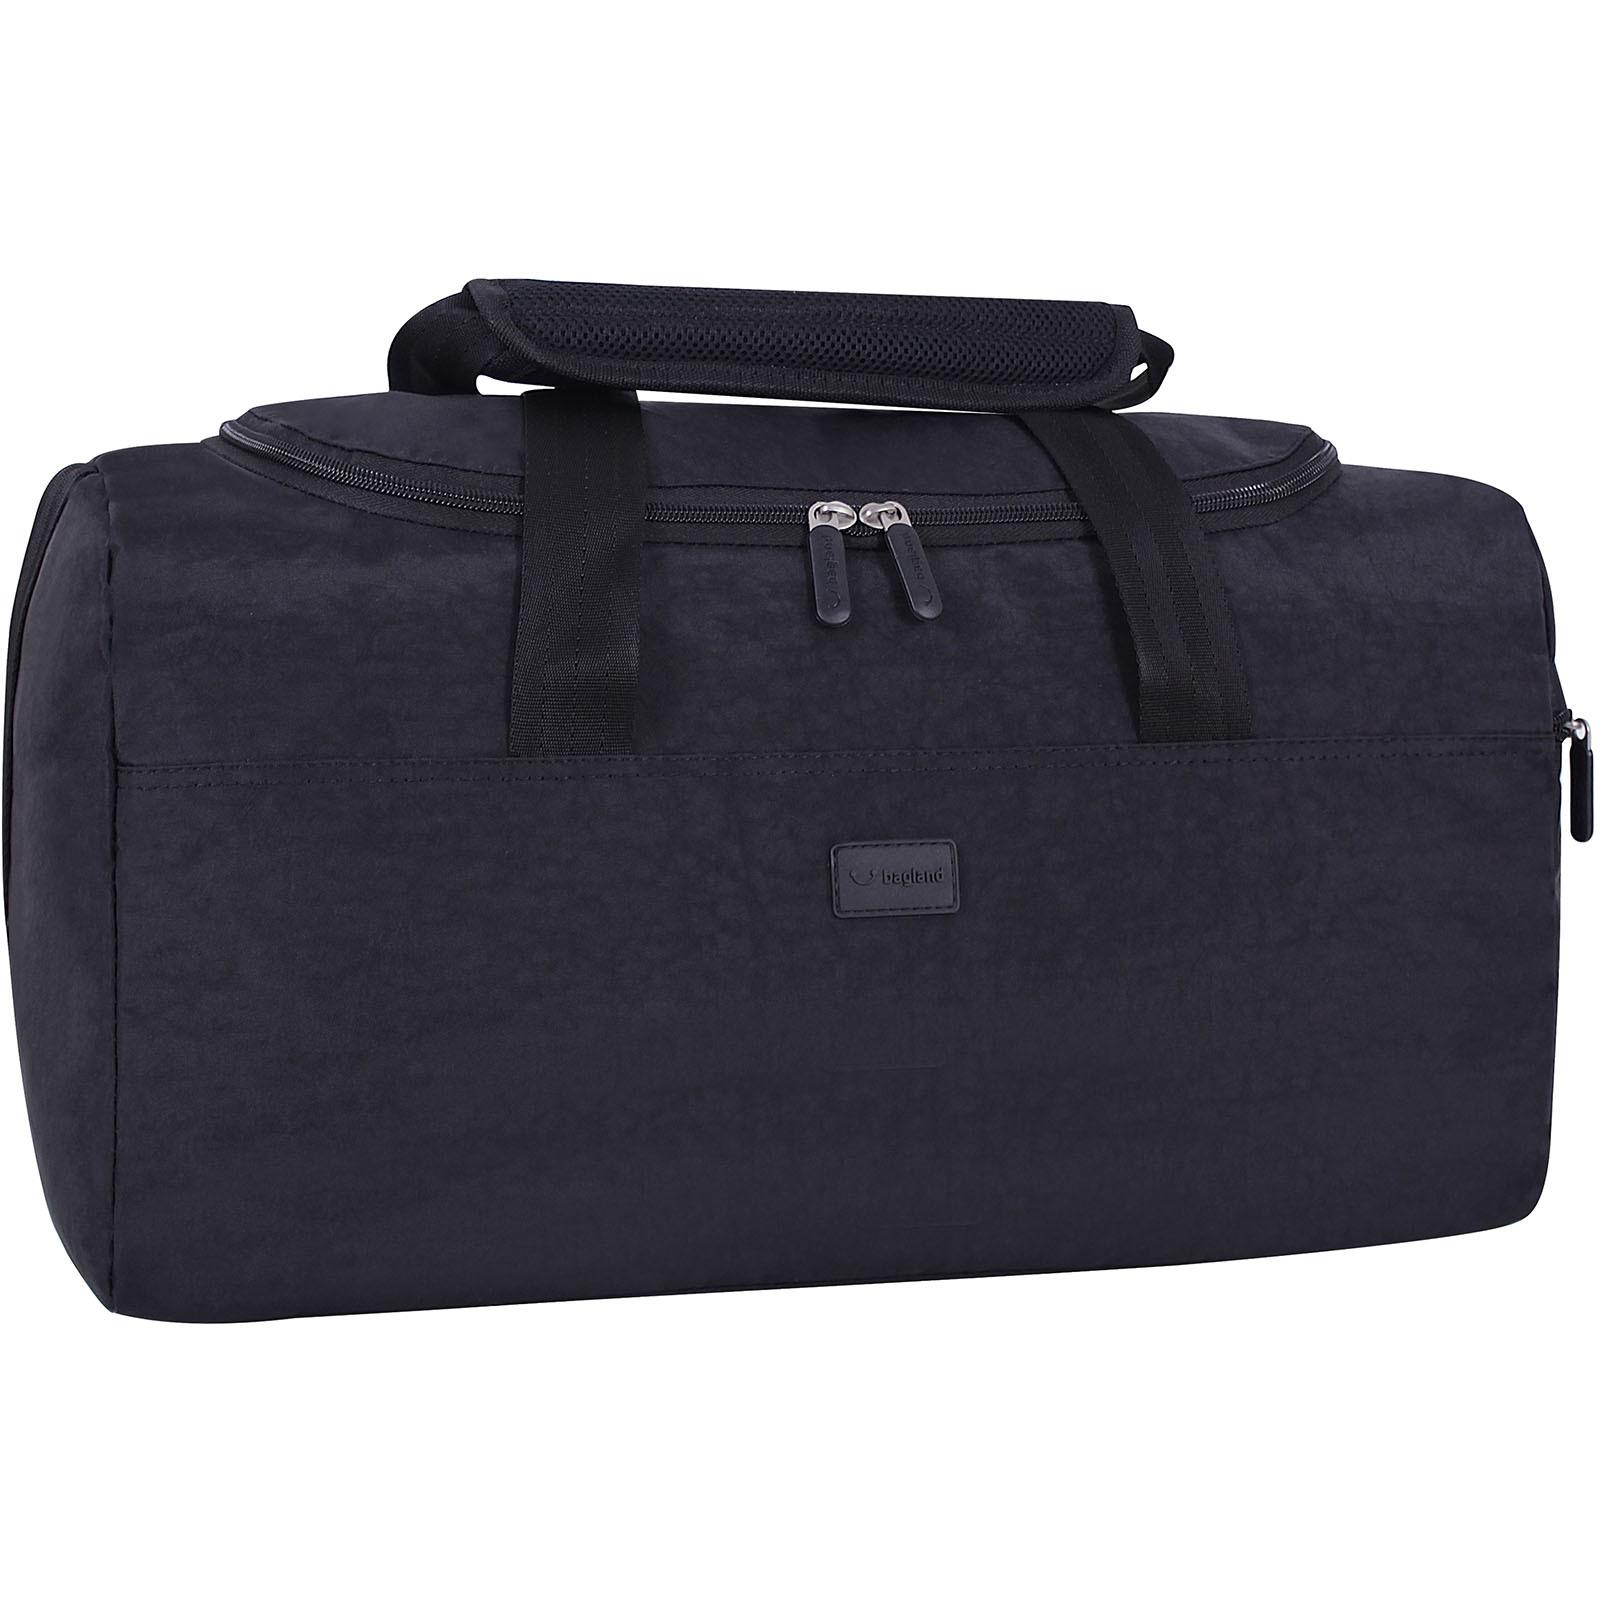 Дорожные сумки Сумка Bagland Boston 25 л. Черный (0037470) IMG_7166.JPG